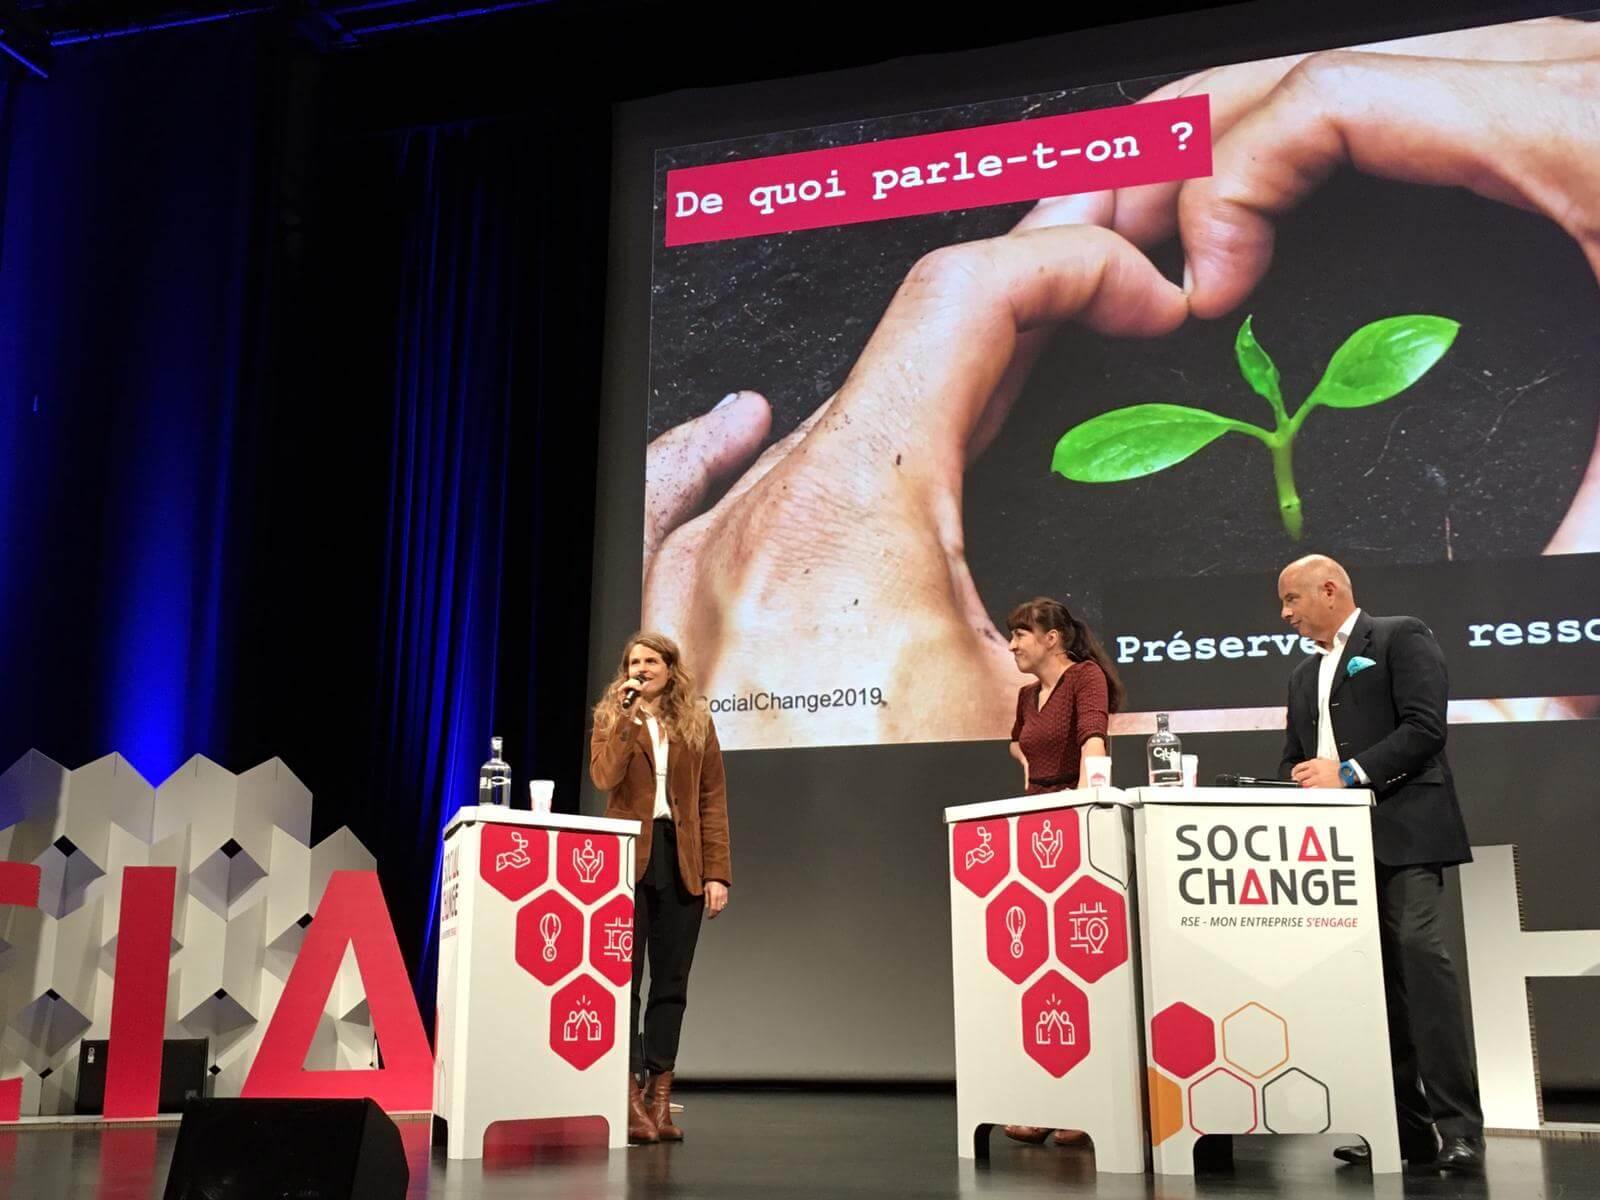 Social Change à Nantes l'événement dédié à la RSE